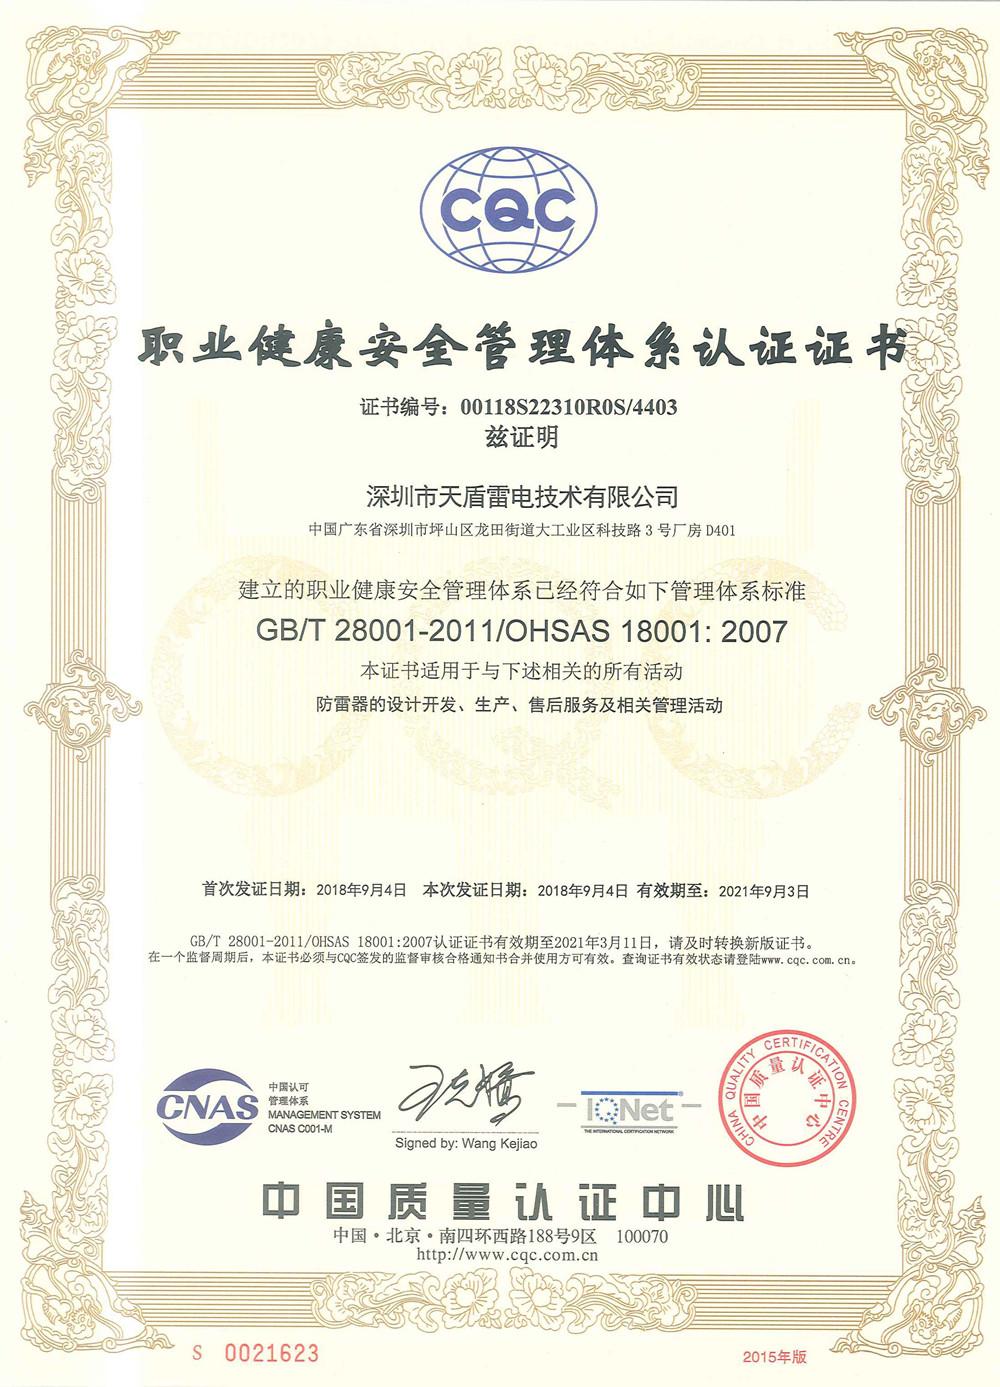 职业健康安全体系证书-1_副本.jpg